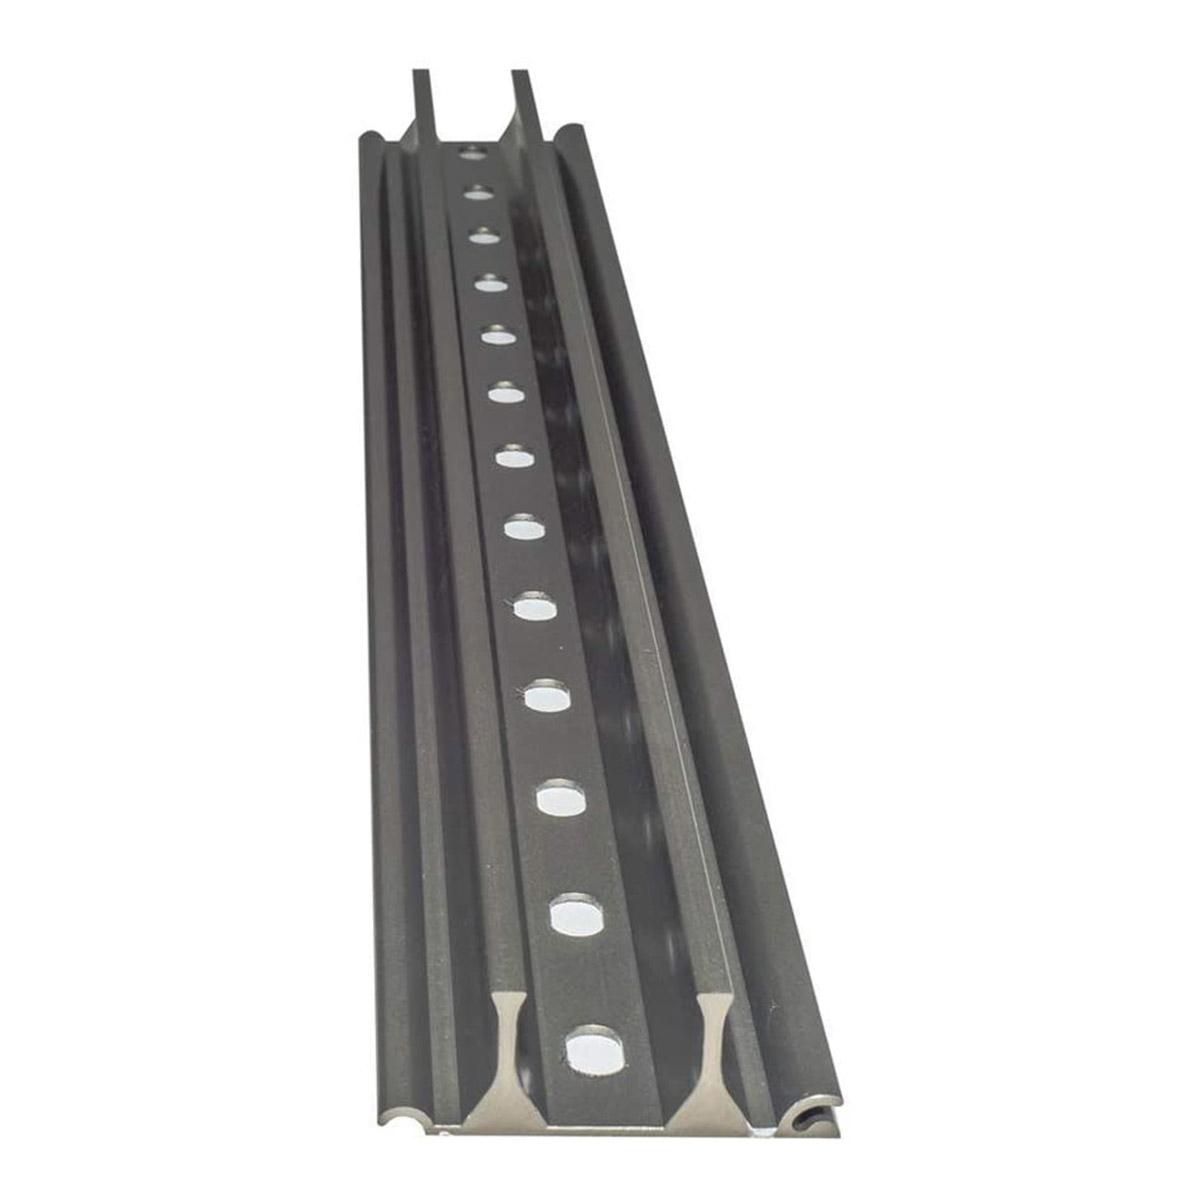 Επέκταση Σχάρας Αλουμινίου (49cm x 5.8cm) - GrillGrate®